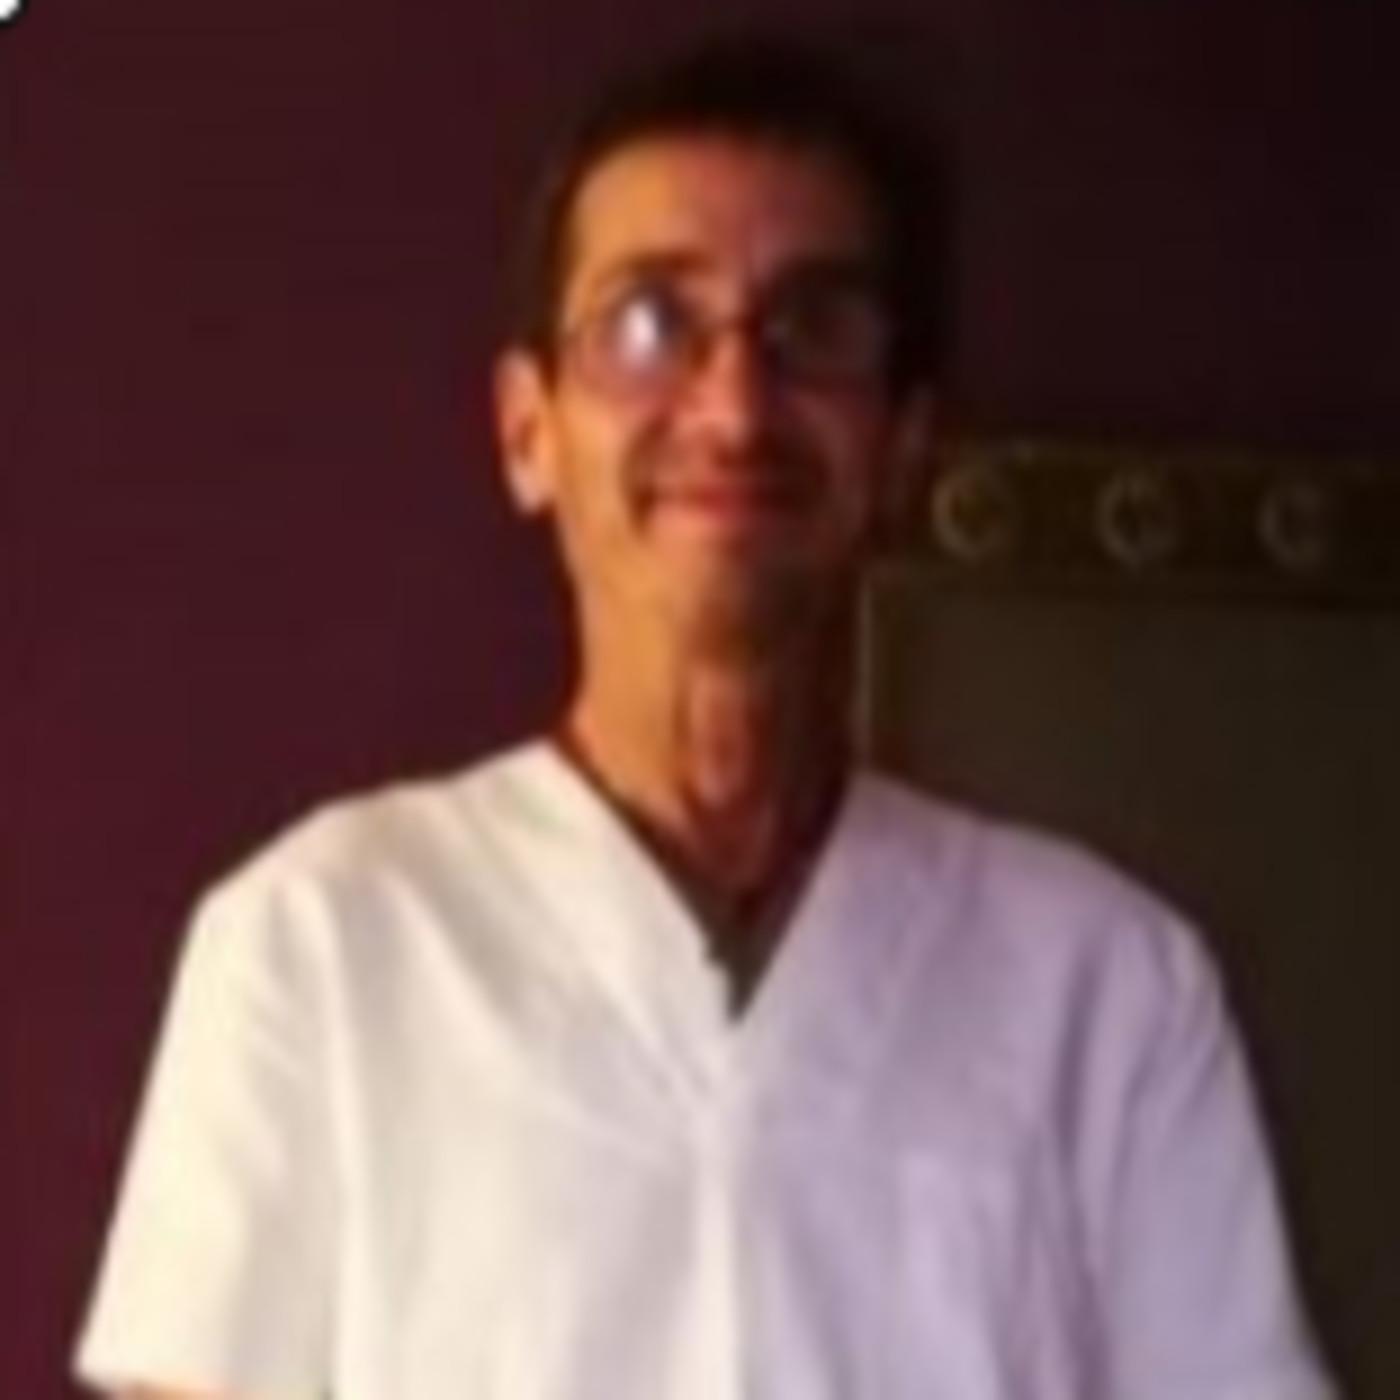 Emilio Tejera Liébanas